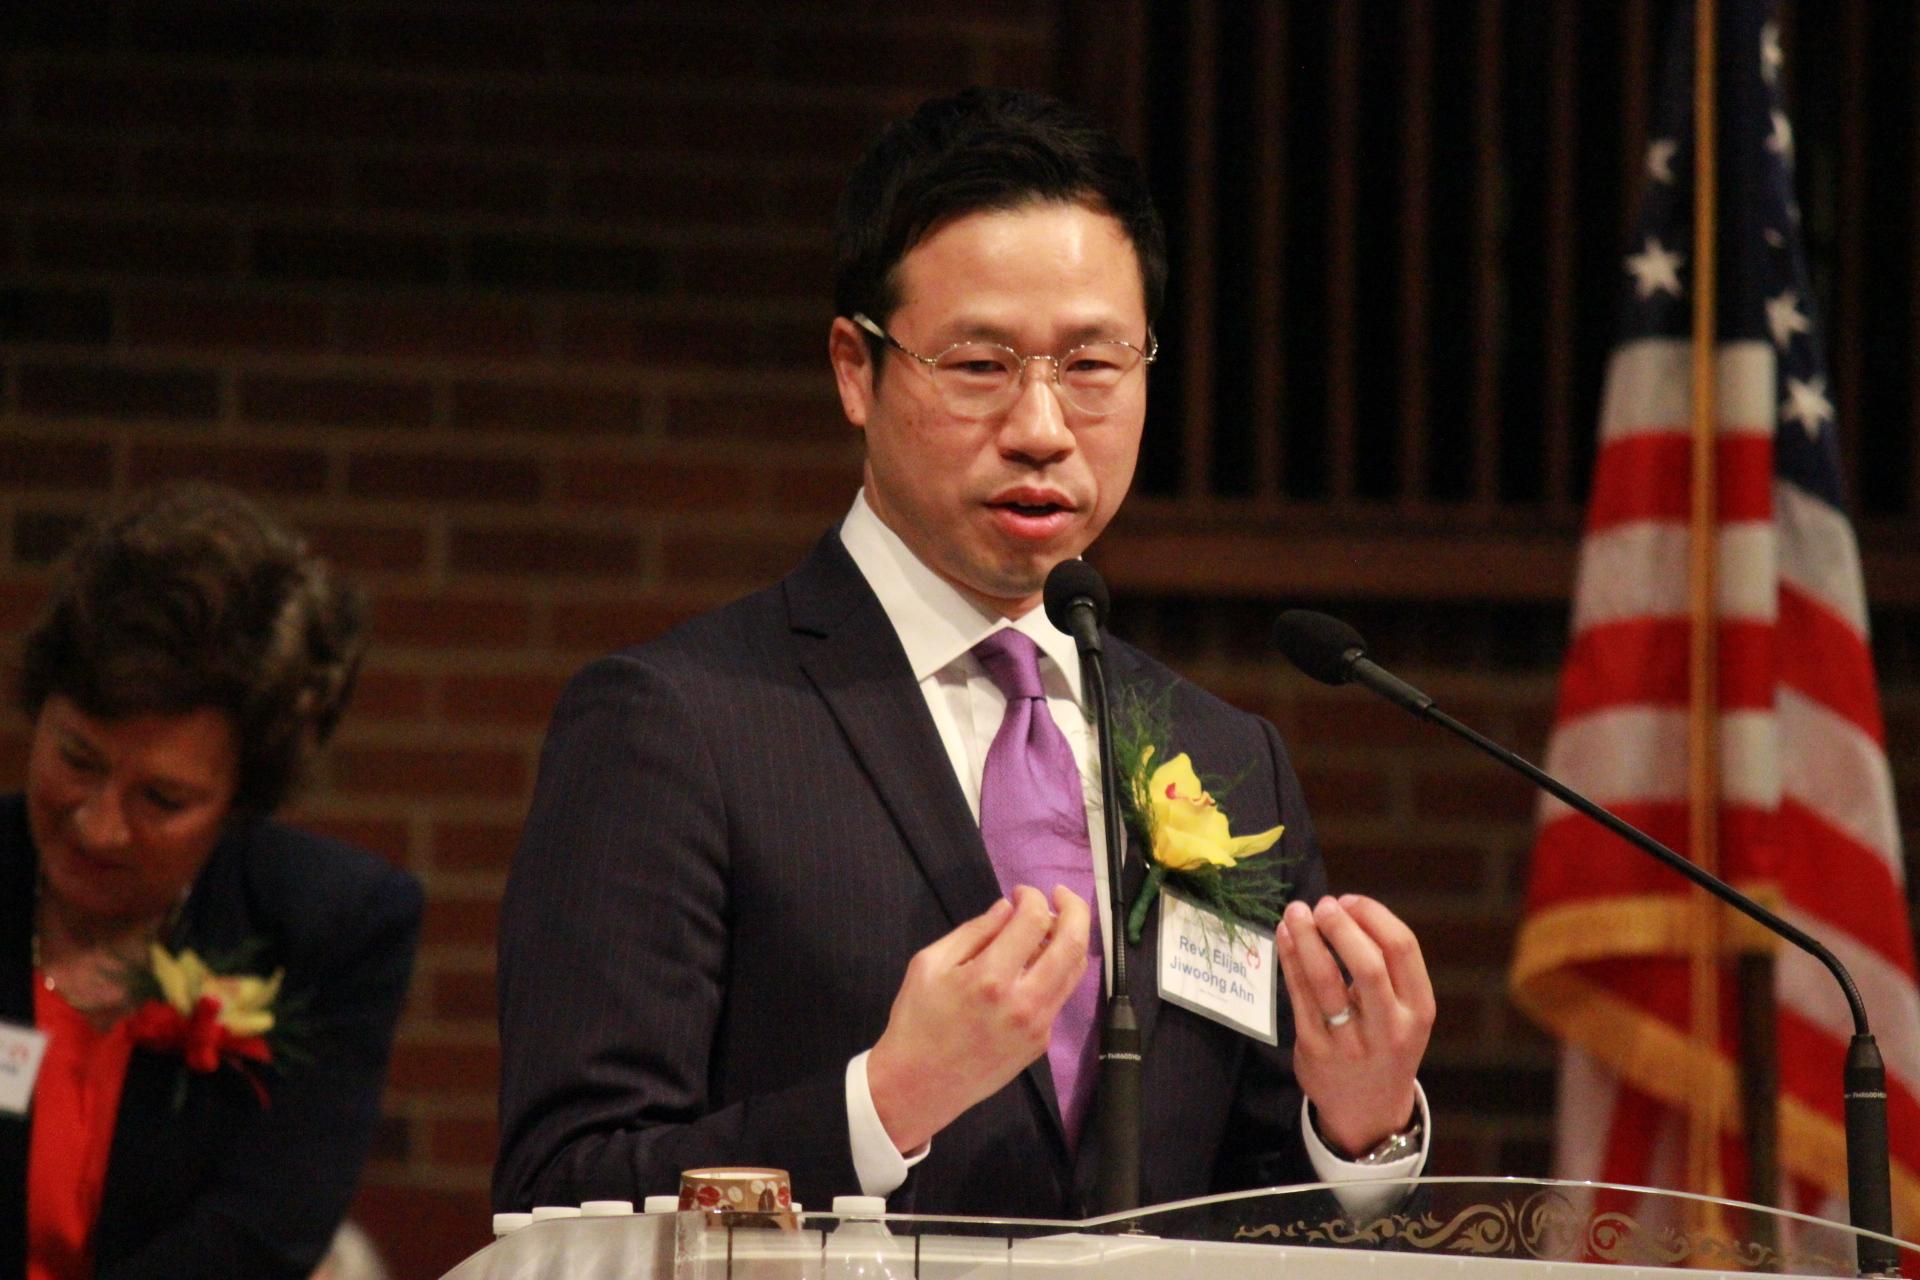 Rev. Elijah Ahn